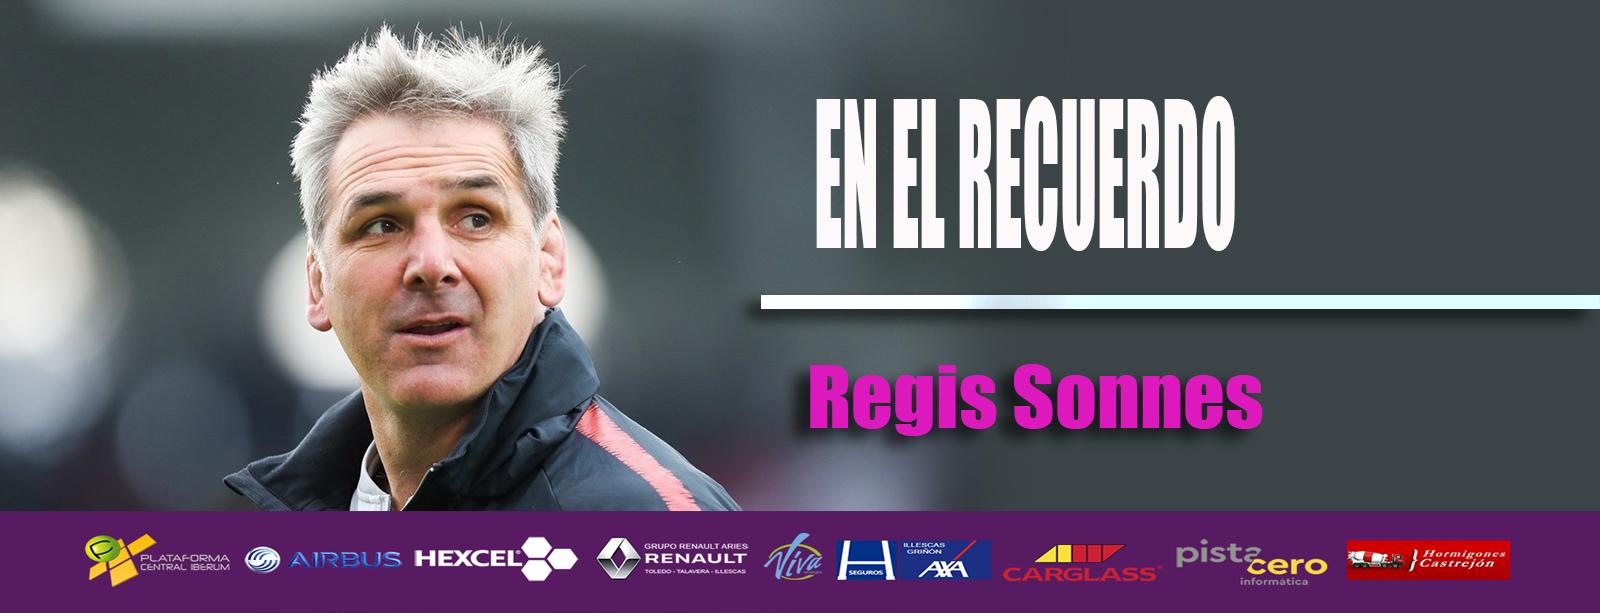 Quijote Rugby Club en el Recuerdo: Taller de Rugby Inclusivo con Regis Sonnes (2011)